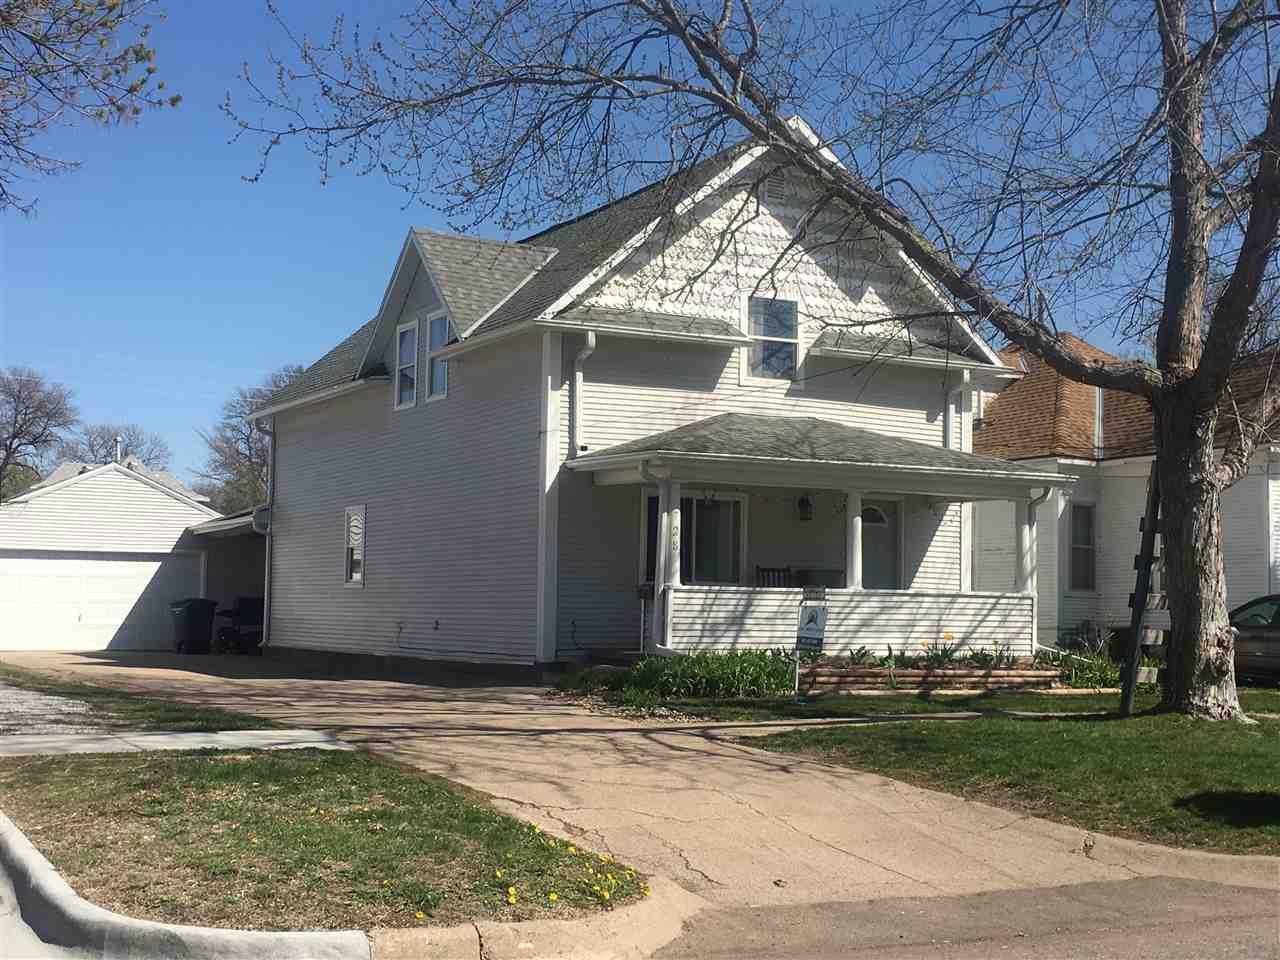 728 N Colorado Ave, Hastings, NE 68901